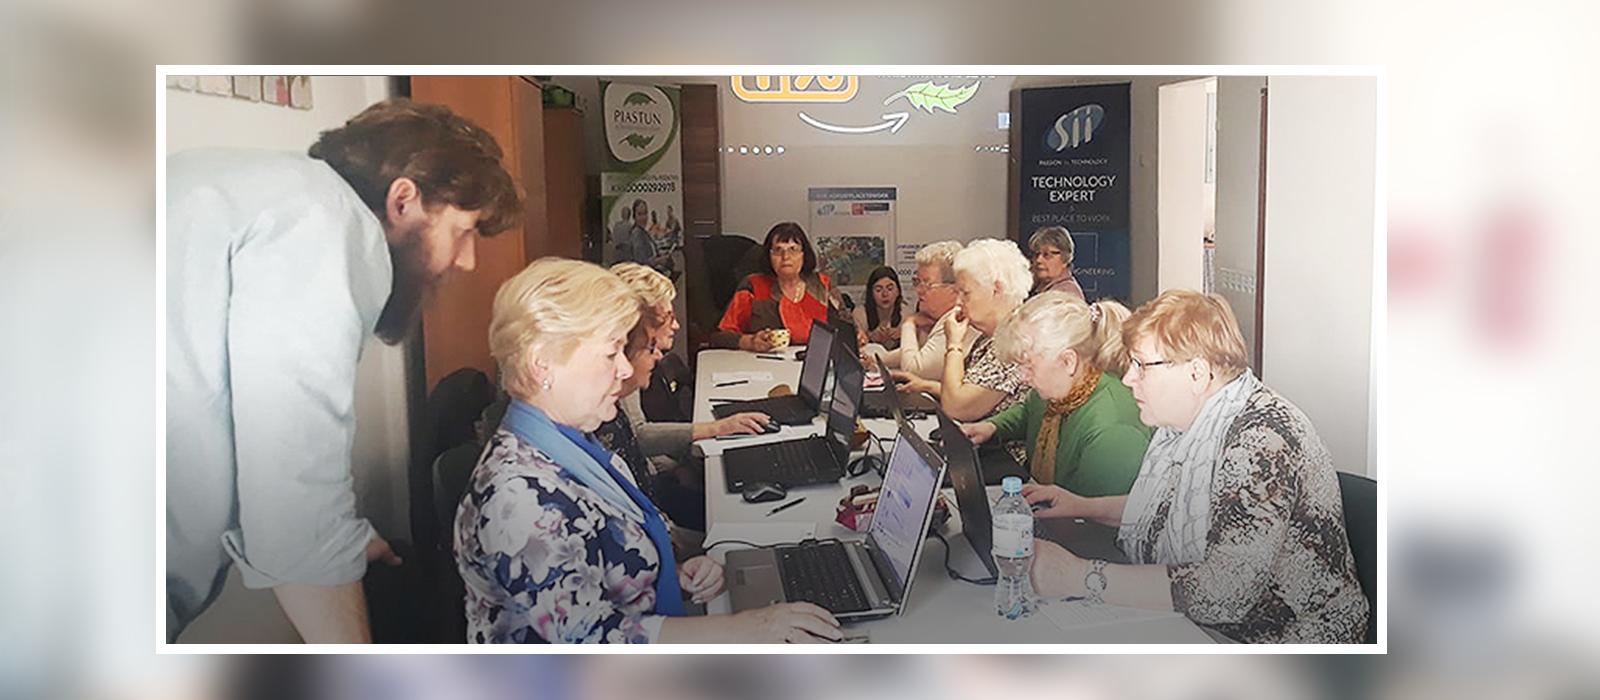 Sii Power Volunteers walczą z wykluczeniem cyfrowym